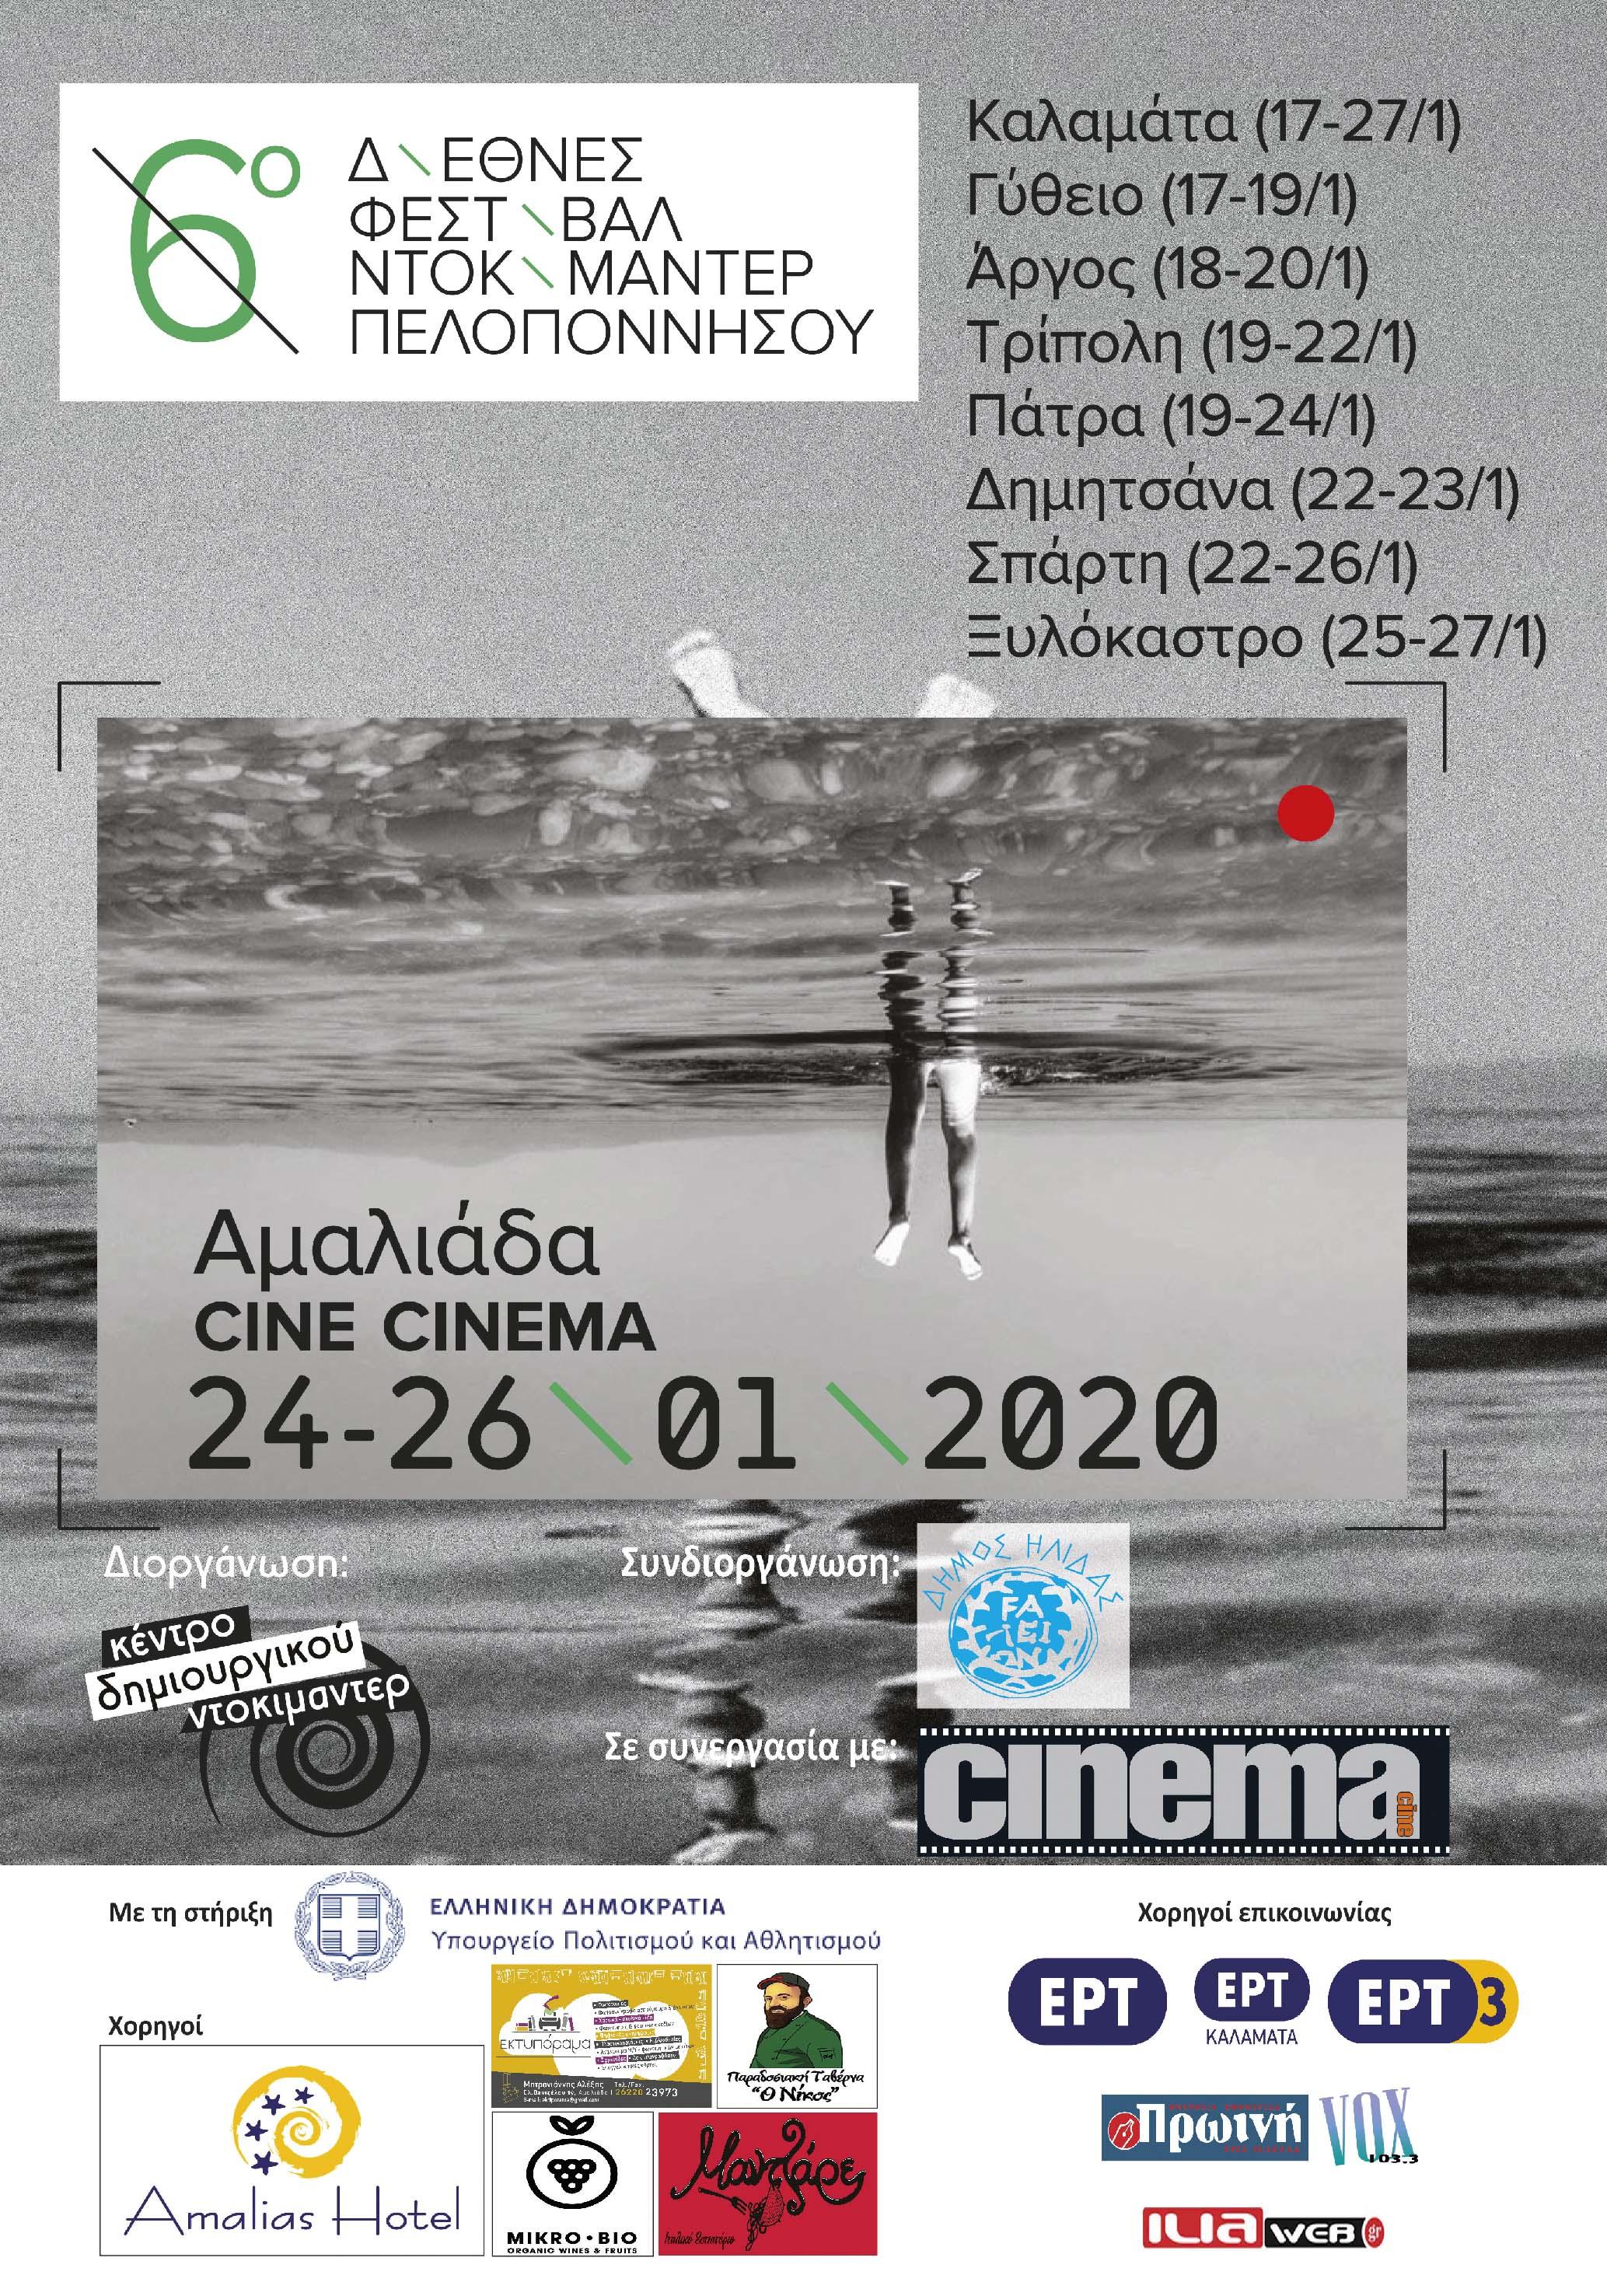 Το ντοκιμαντέρ για 6η χρονιά στην Αμαλιάδα και στο Cine Cinema στα πλαίσια του Διεθνούς Φεστιβάλ Ντοκιμαντέρ Πελοποννήσου -Το Πρόγραμμα -Ελεύθερη είσοδος για το κοινό